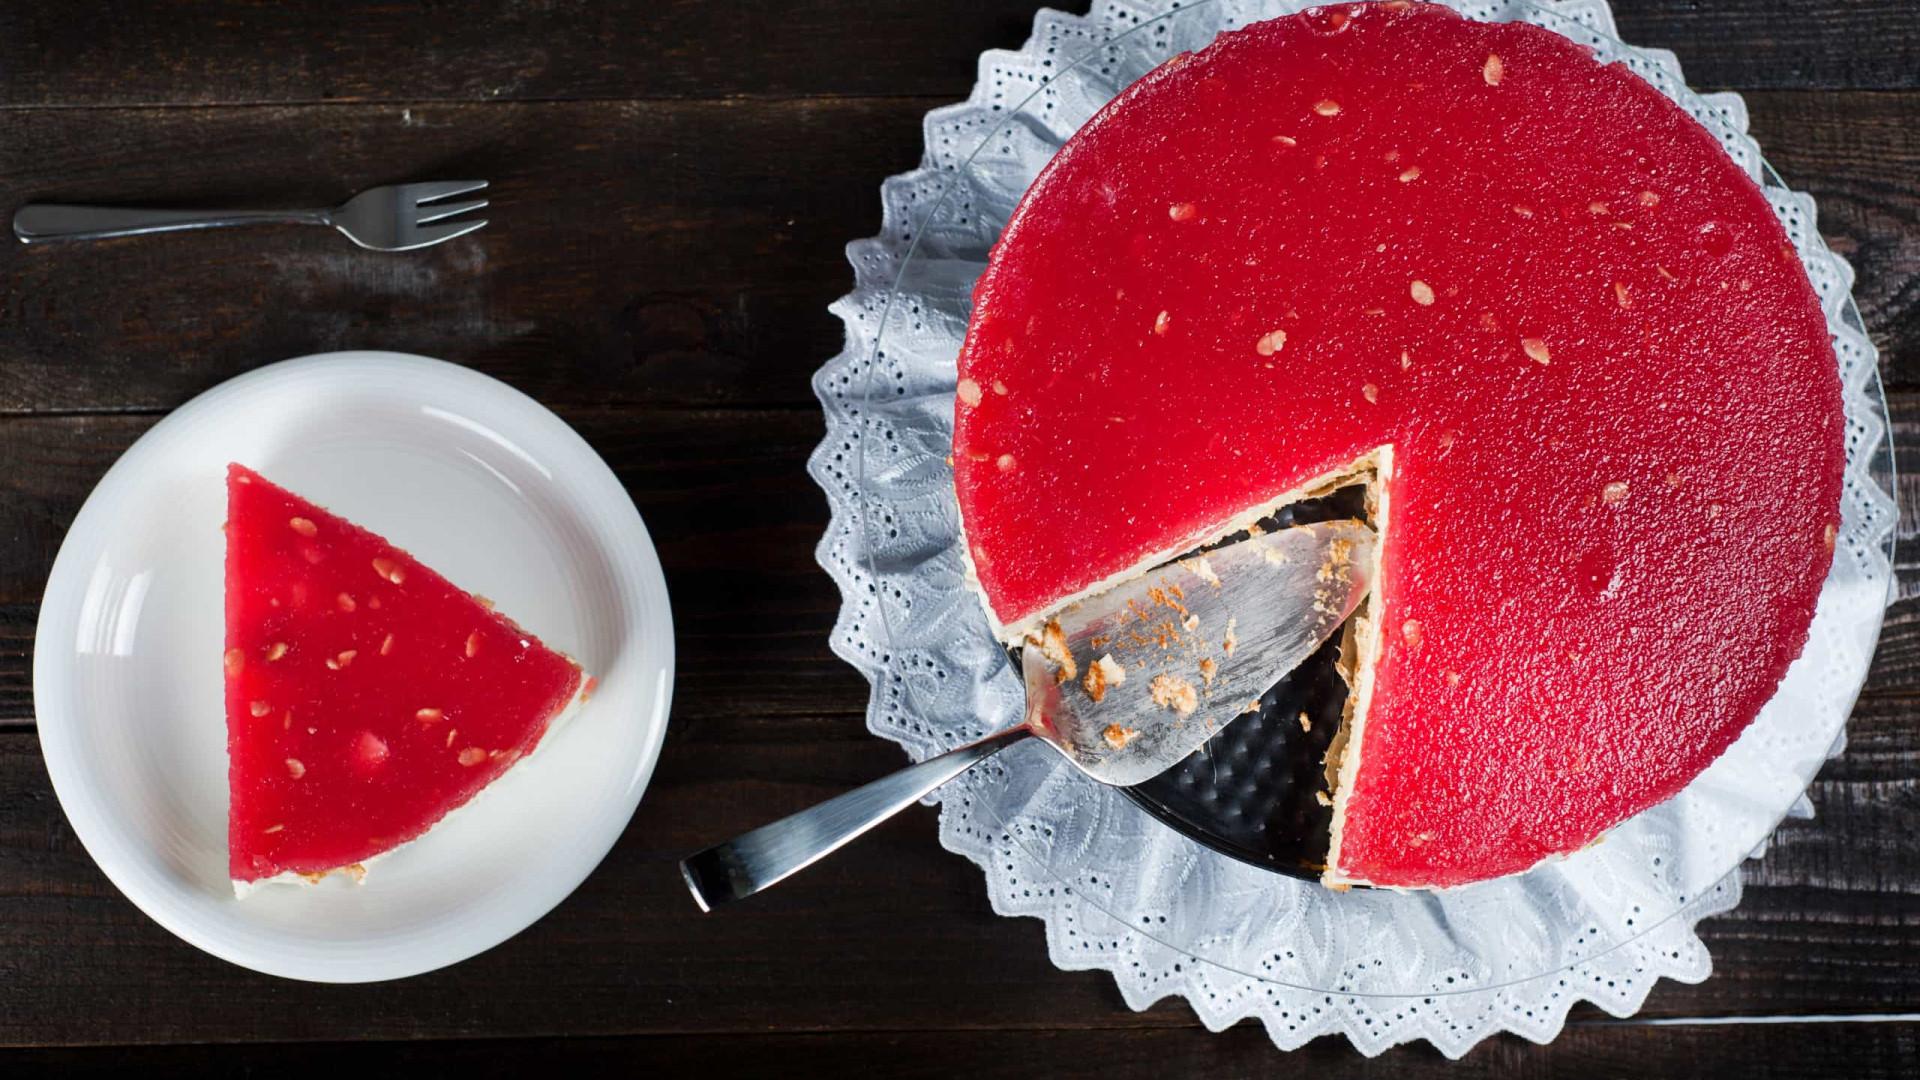 E que tal um delicioso e fresquinho bolo de melancia? Aprenda a receita